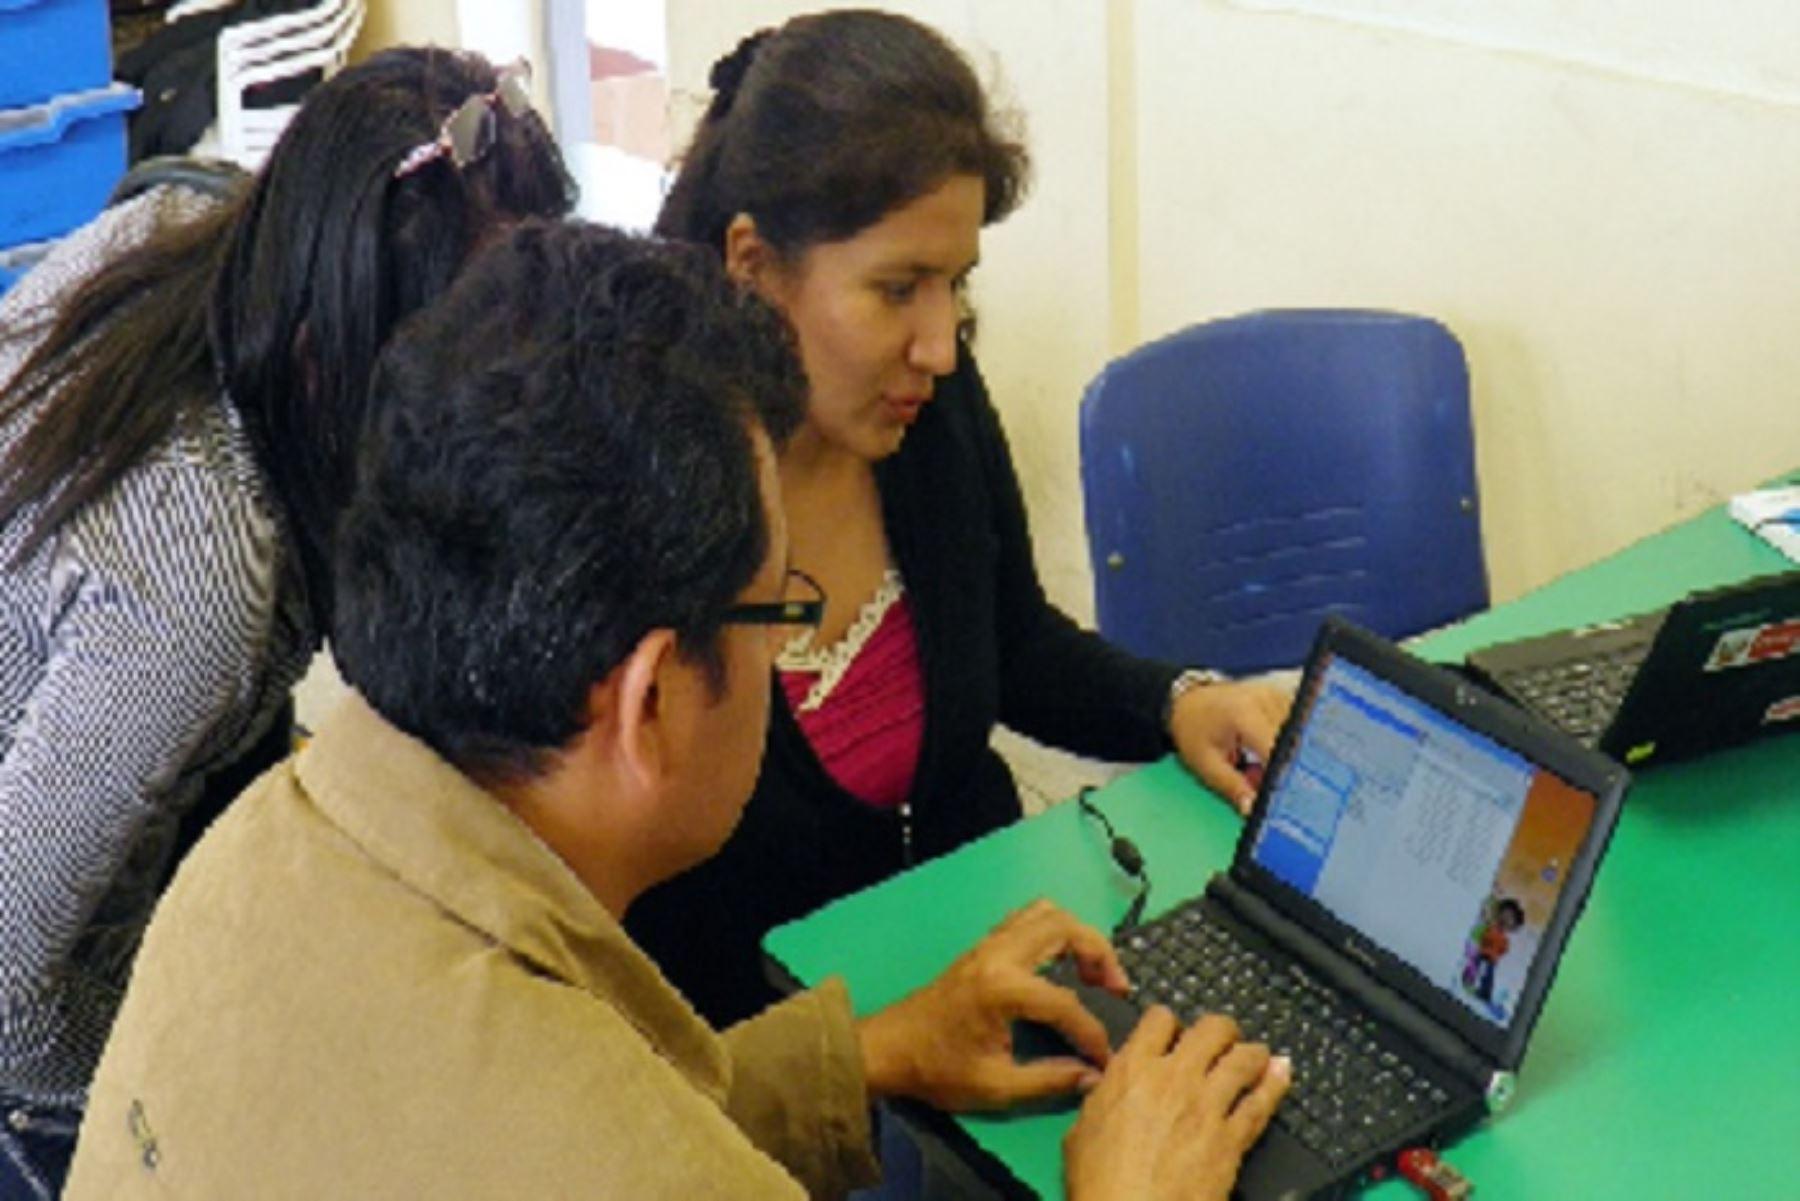 La inducción se desarrollará mediante cinco sesiones para los docentes de educación primaria de las regiones de Amazonas, Apurímac, Ayacucho, Cajamarca, Cusco, Huancavelica, Huánuco, Junín, Loreto, Madre De Dios, Pasco, Puno, San Martín y Ucayali.